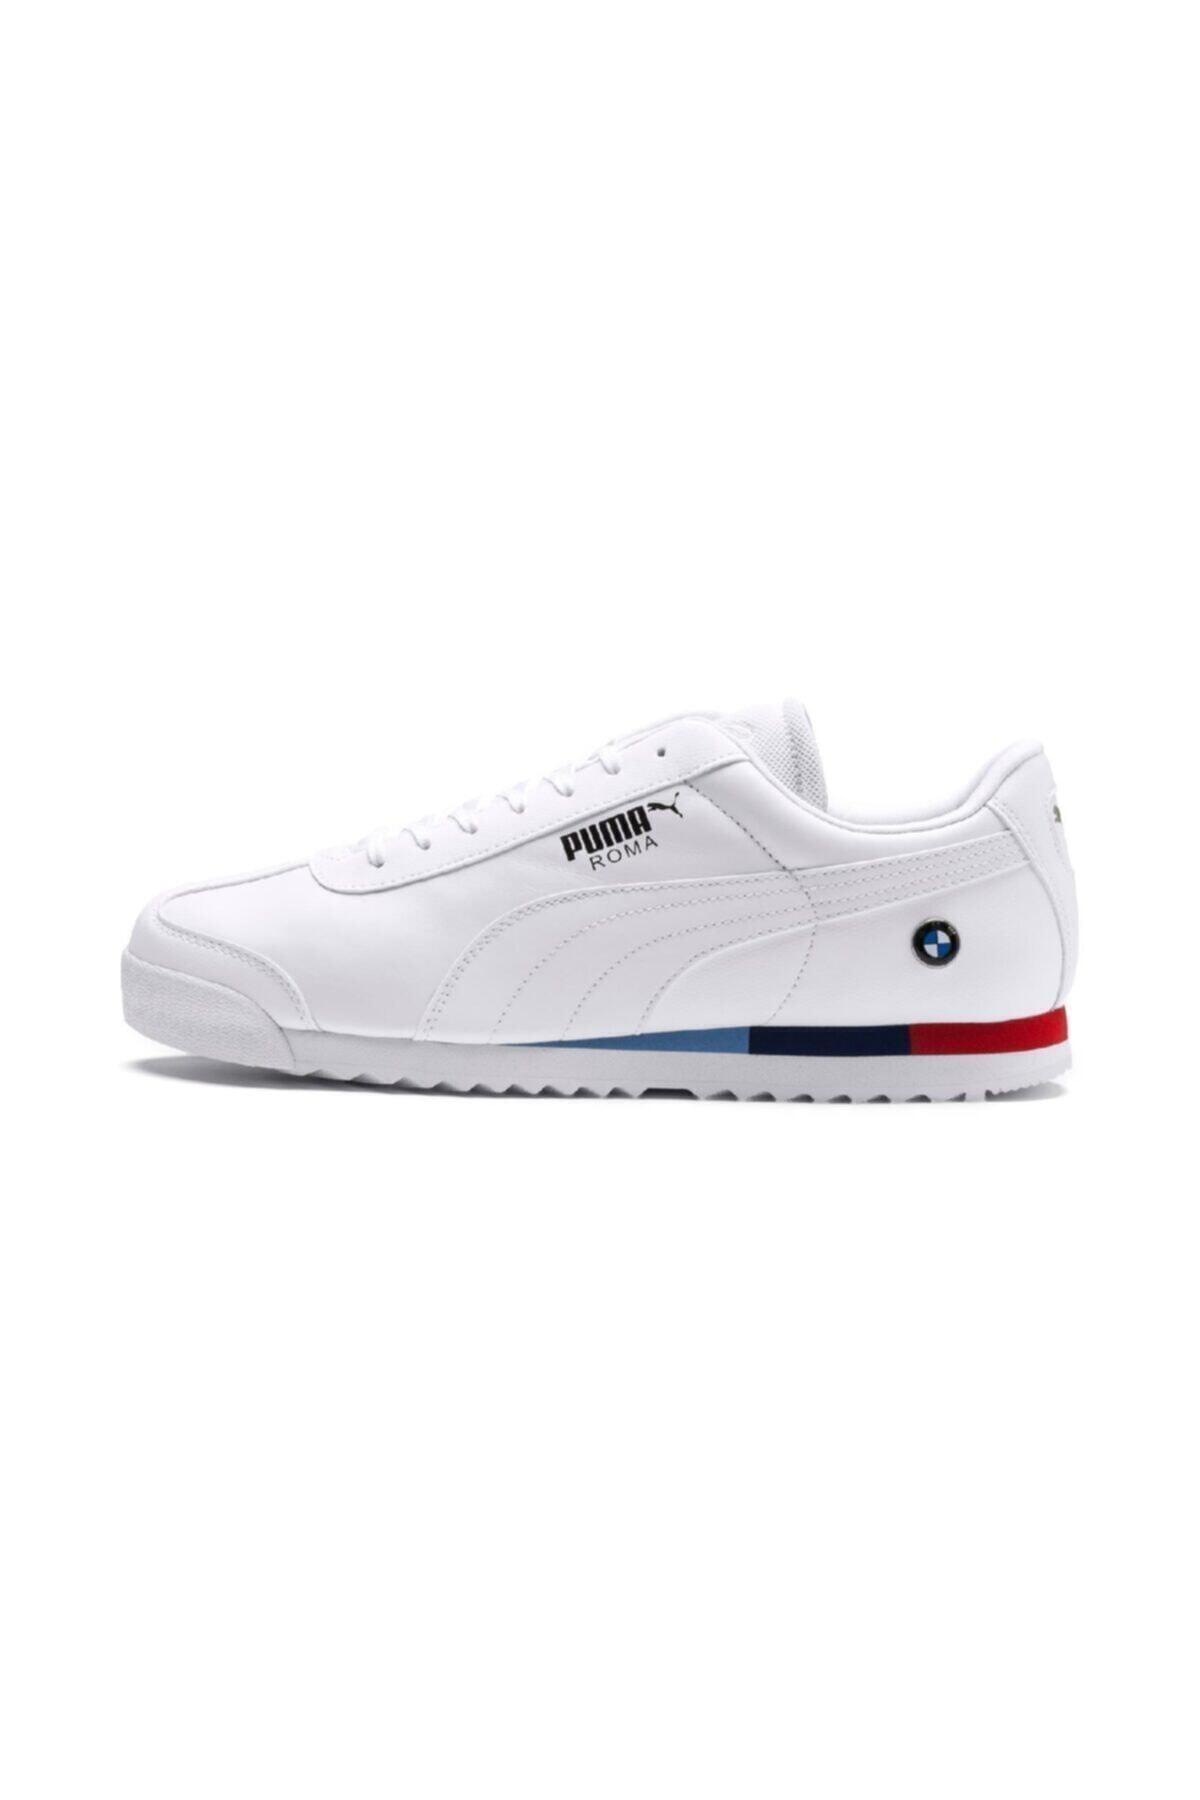 خرید انلاین کفش مخصوص پیاده روی مردانه ترکیه برند پوما کد ty4460487